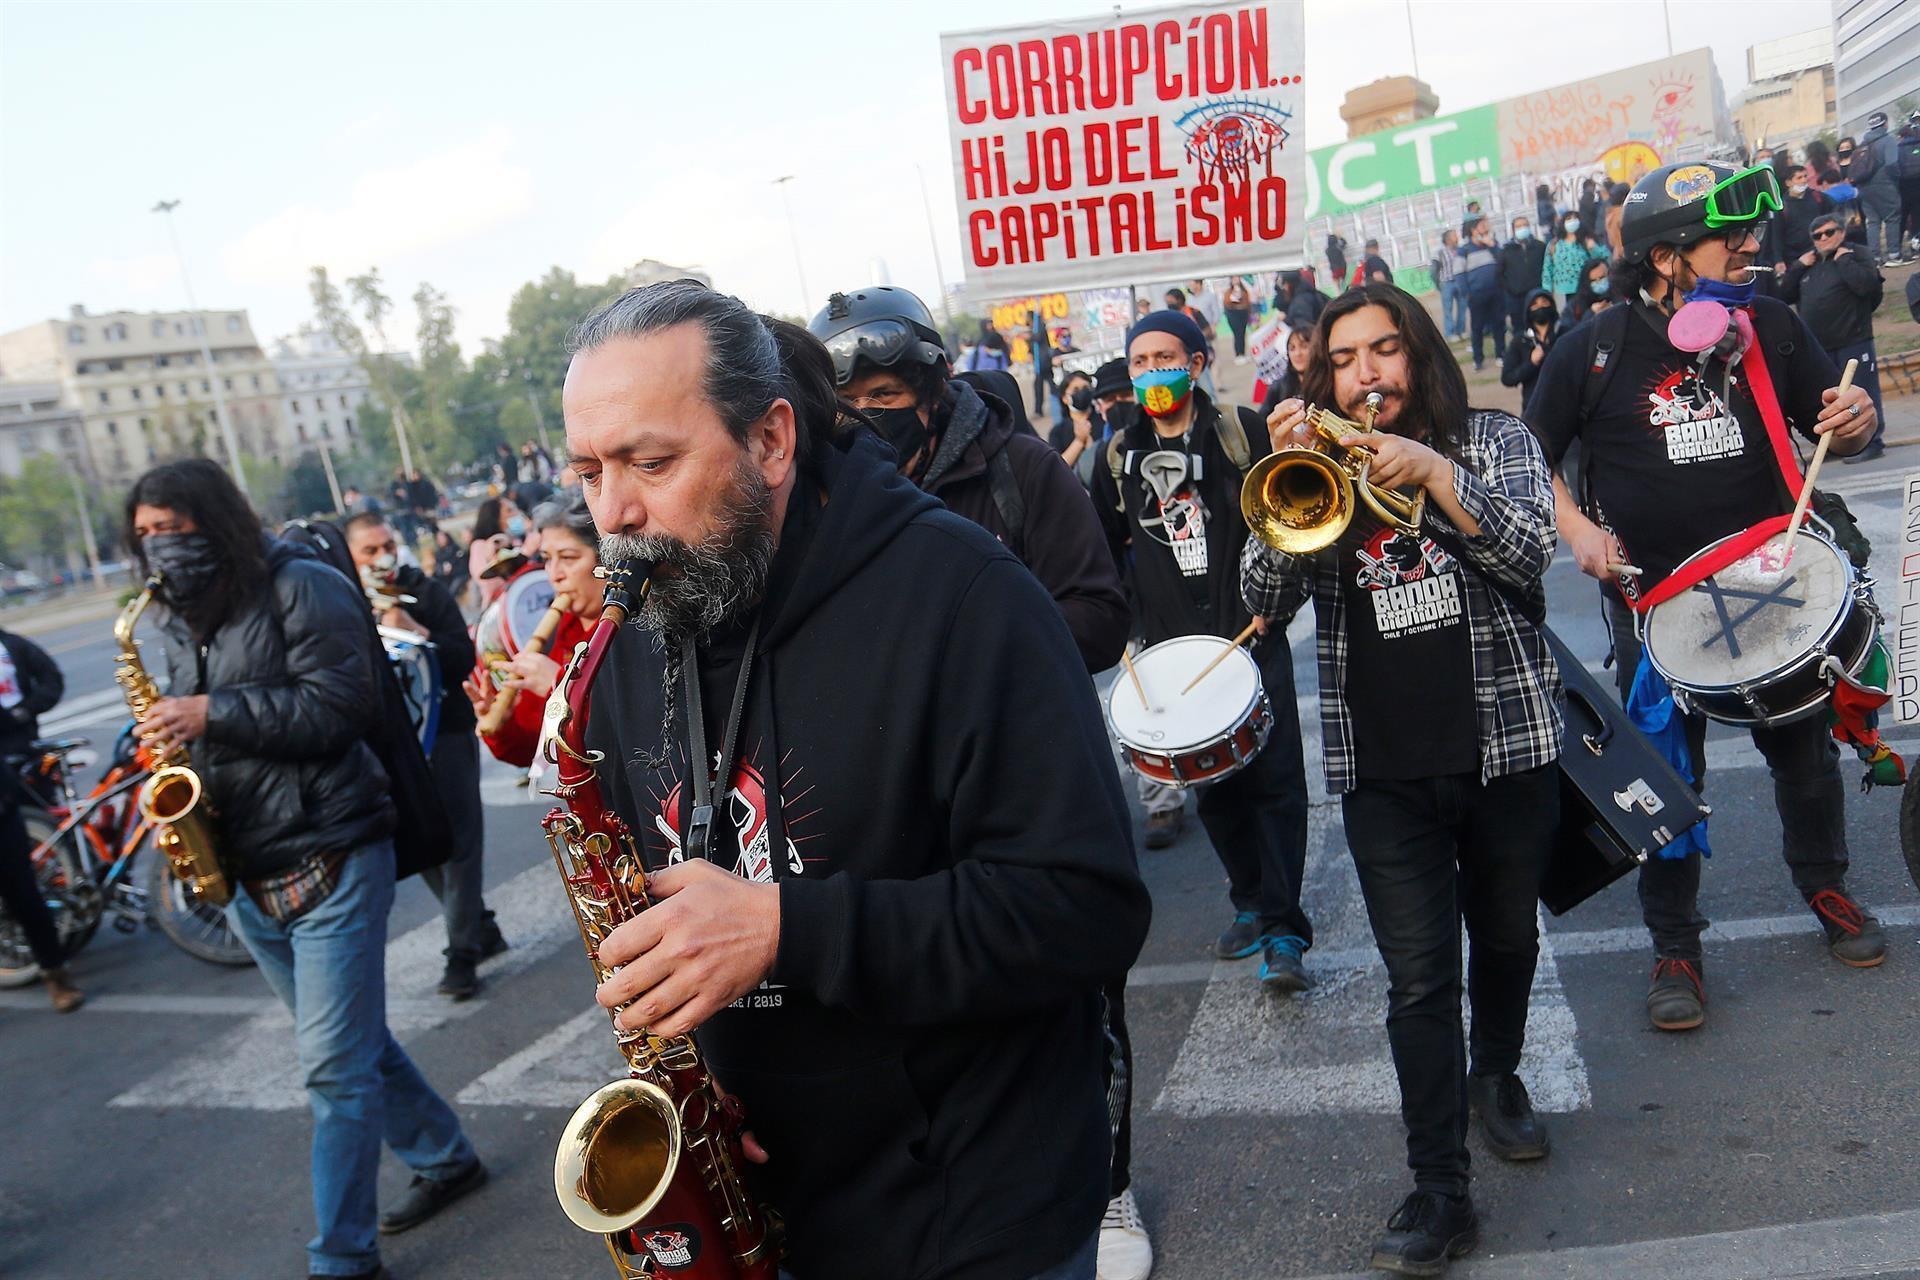 Alrededor de 300 personas se manifestaron en el centro de la capital chilena, Santiago, para pedir la renuncia del presidente del país, por las presuntas irregularidades que divulgaron los 'Papeles de Pandora' y por las que va ser investigado por la Fiscalía.